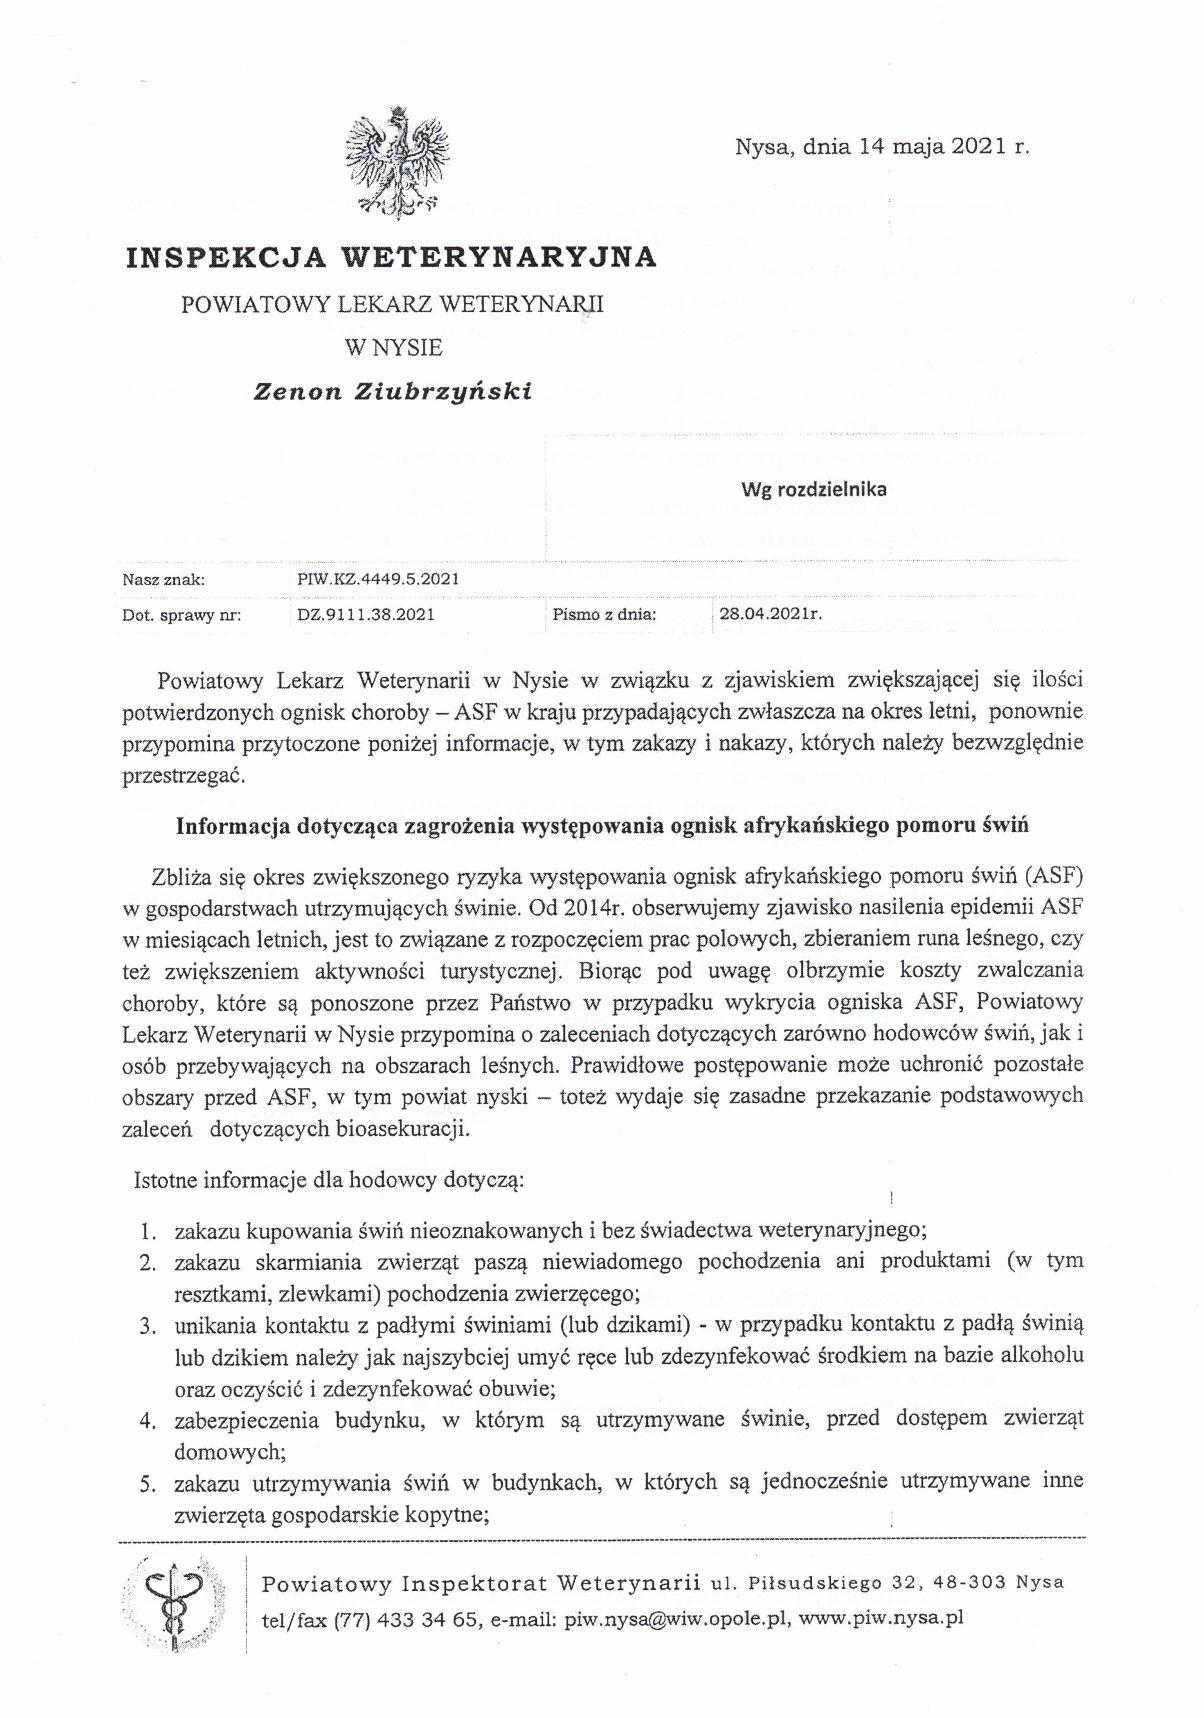 Komunikat Powiatowego Lekarza Weterynarii w Nysie